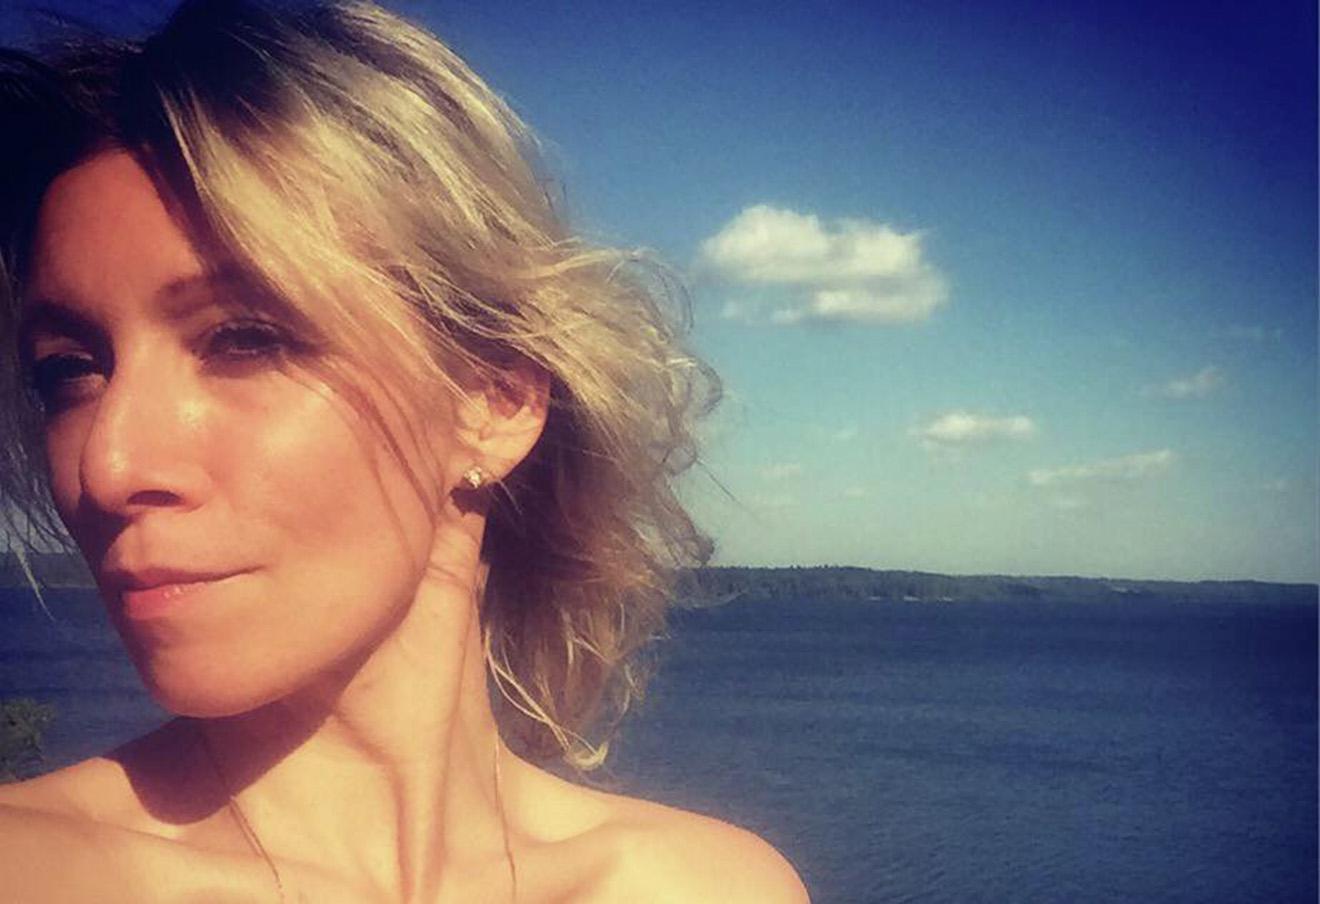 Дженнифер Энистон 46 лучших фото в купальнике и без